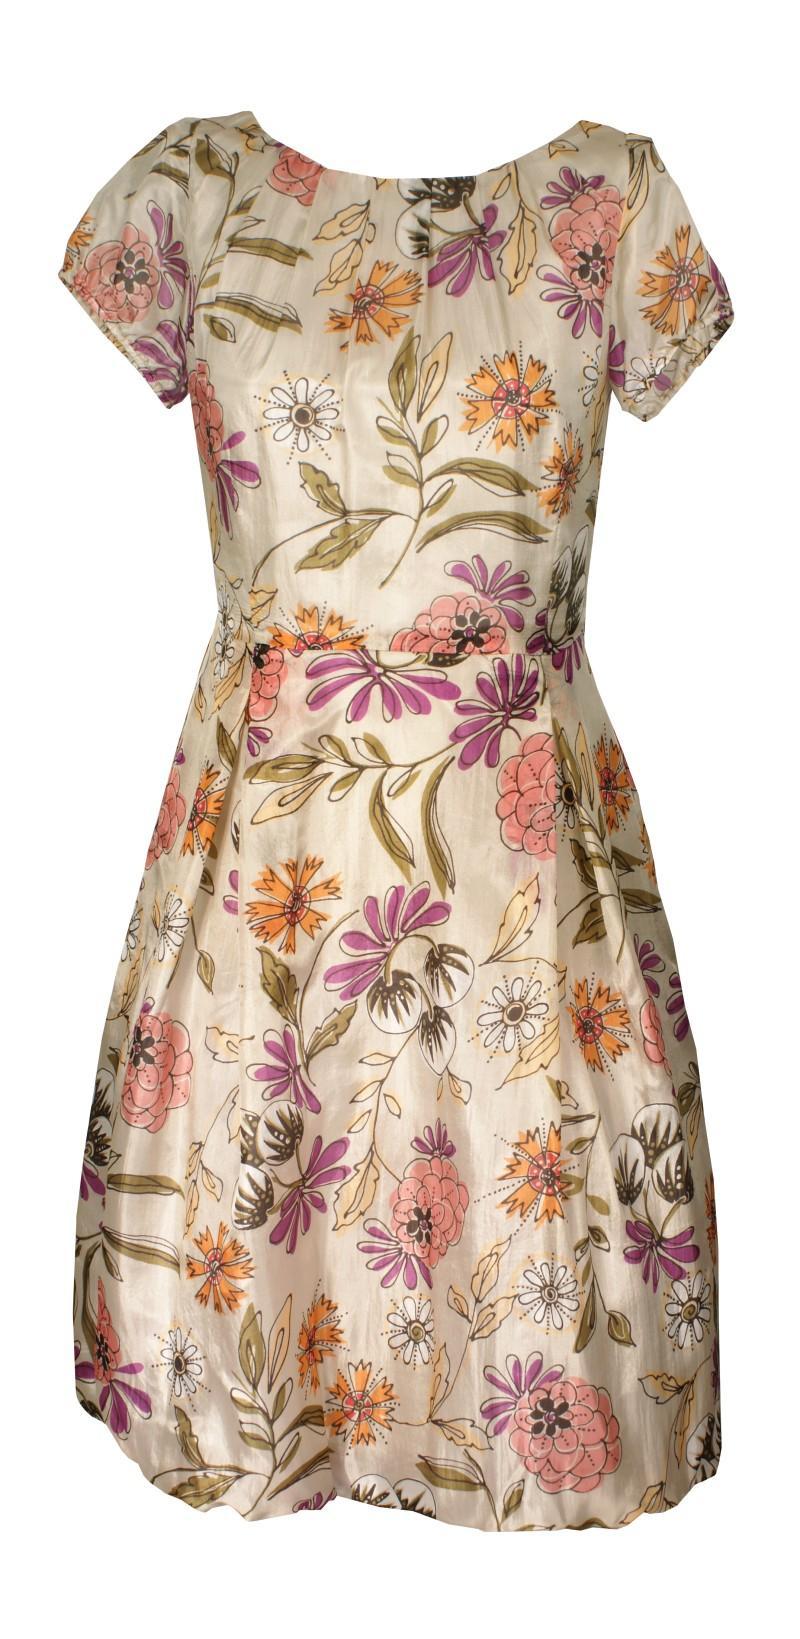 Sukienki i spódnice Simple na wiosnę i lato 2009 - Zdjęcie 23